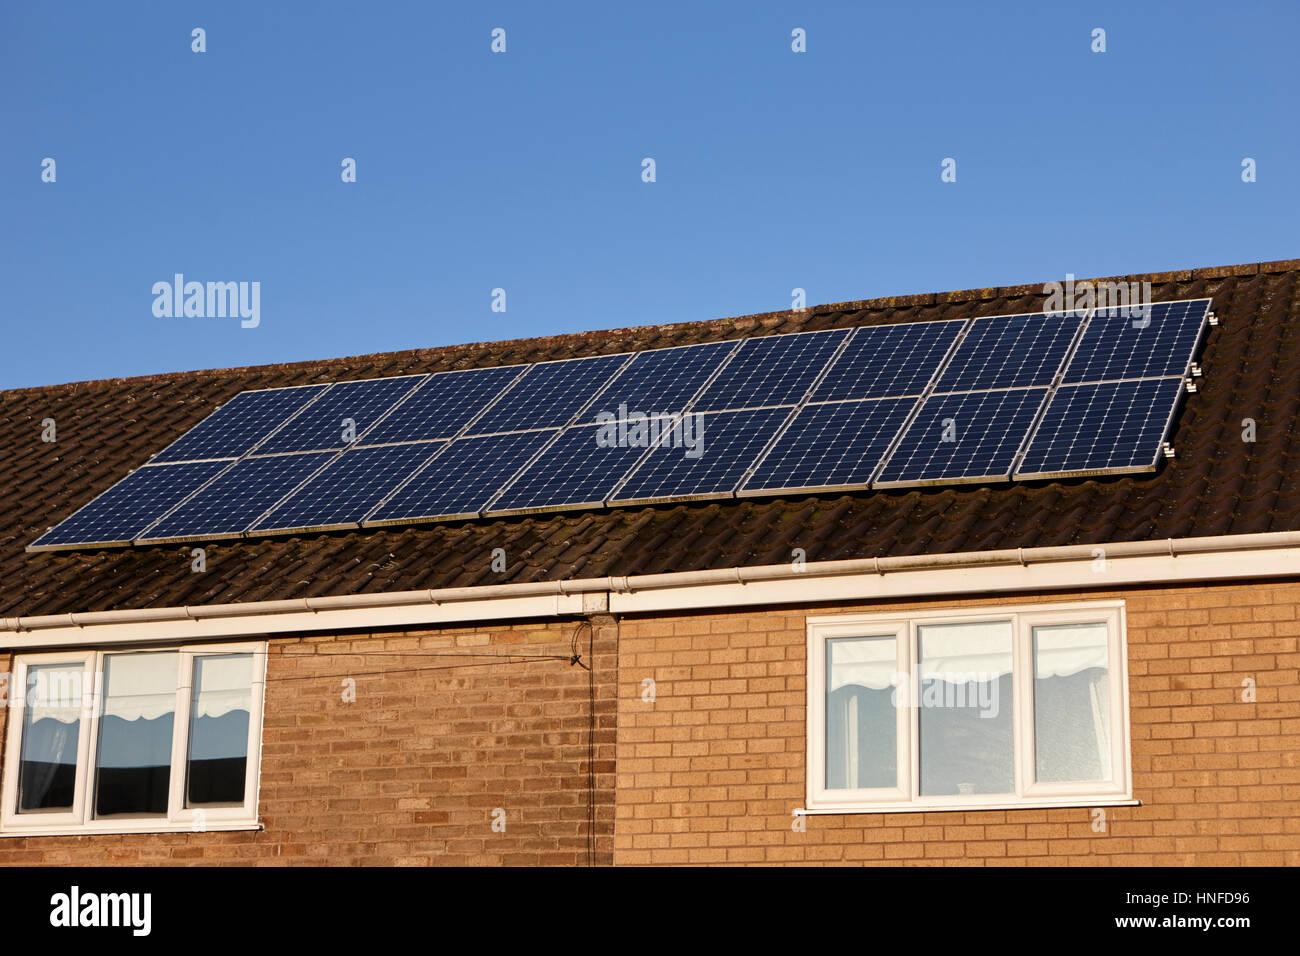 Paneles solares en el tejado de una casa en Liverpool Reino Unido Imagen De Stock